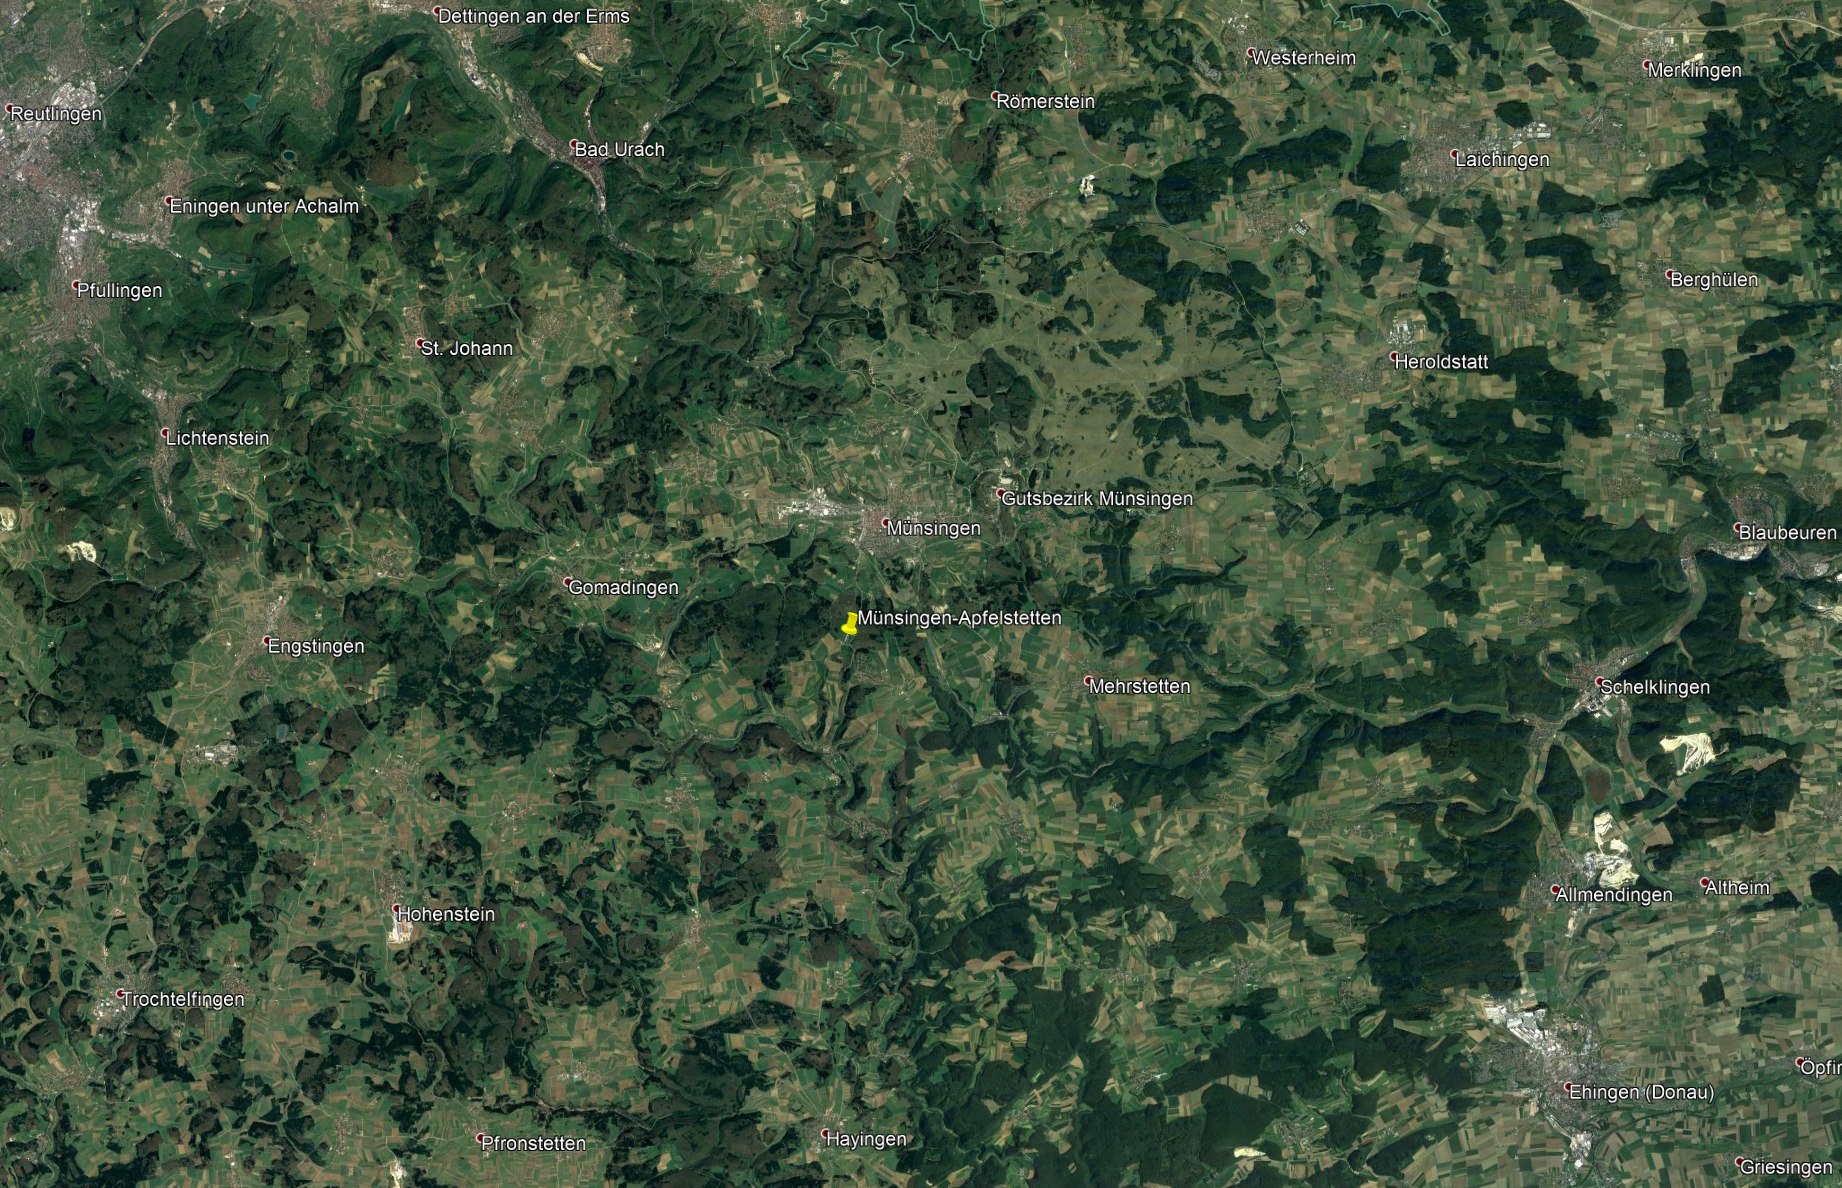 http://www.wetterstation-leutenbach.de/Bilder/muensingen1.png